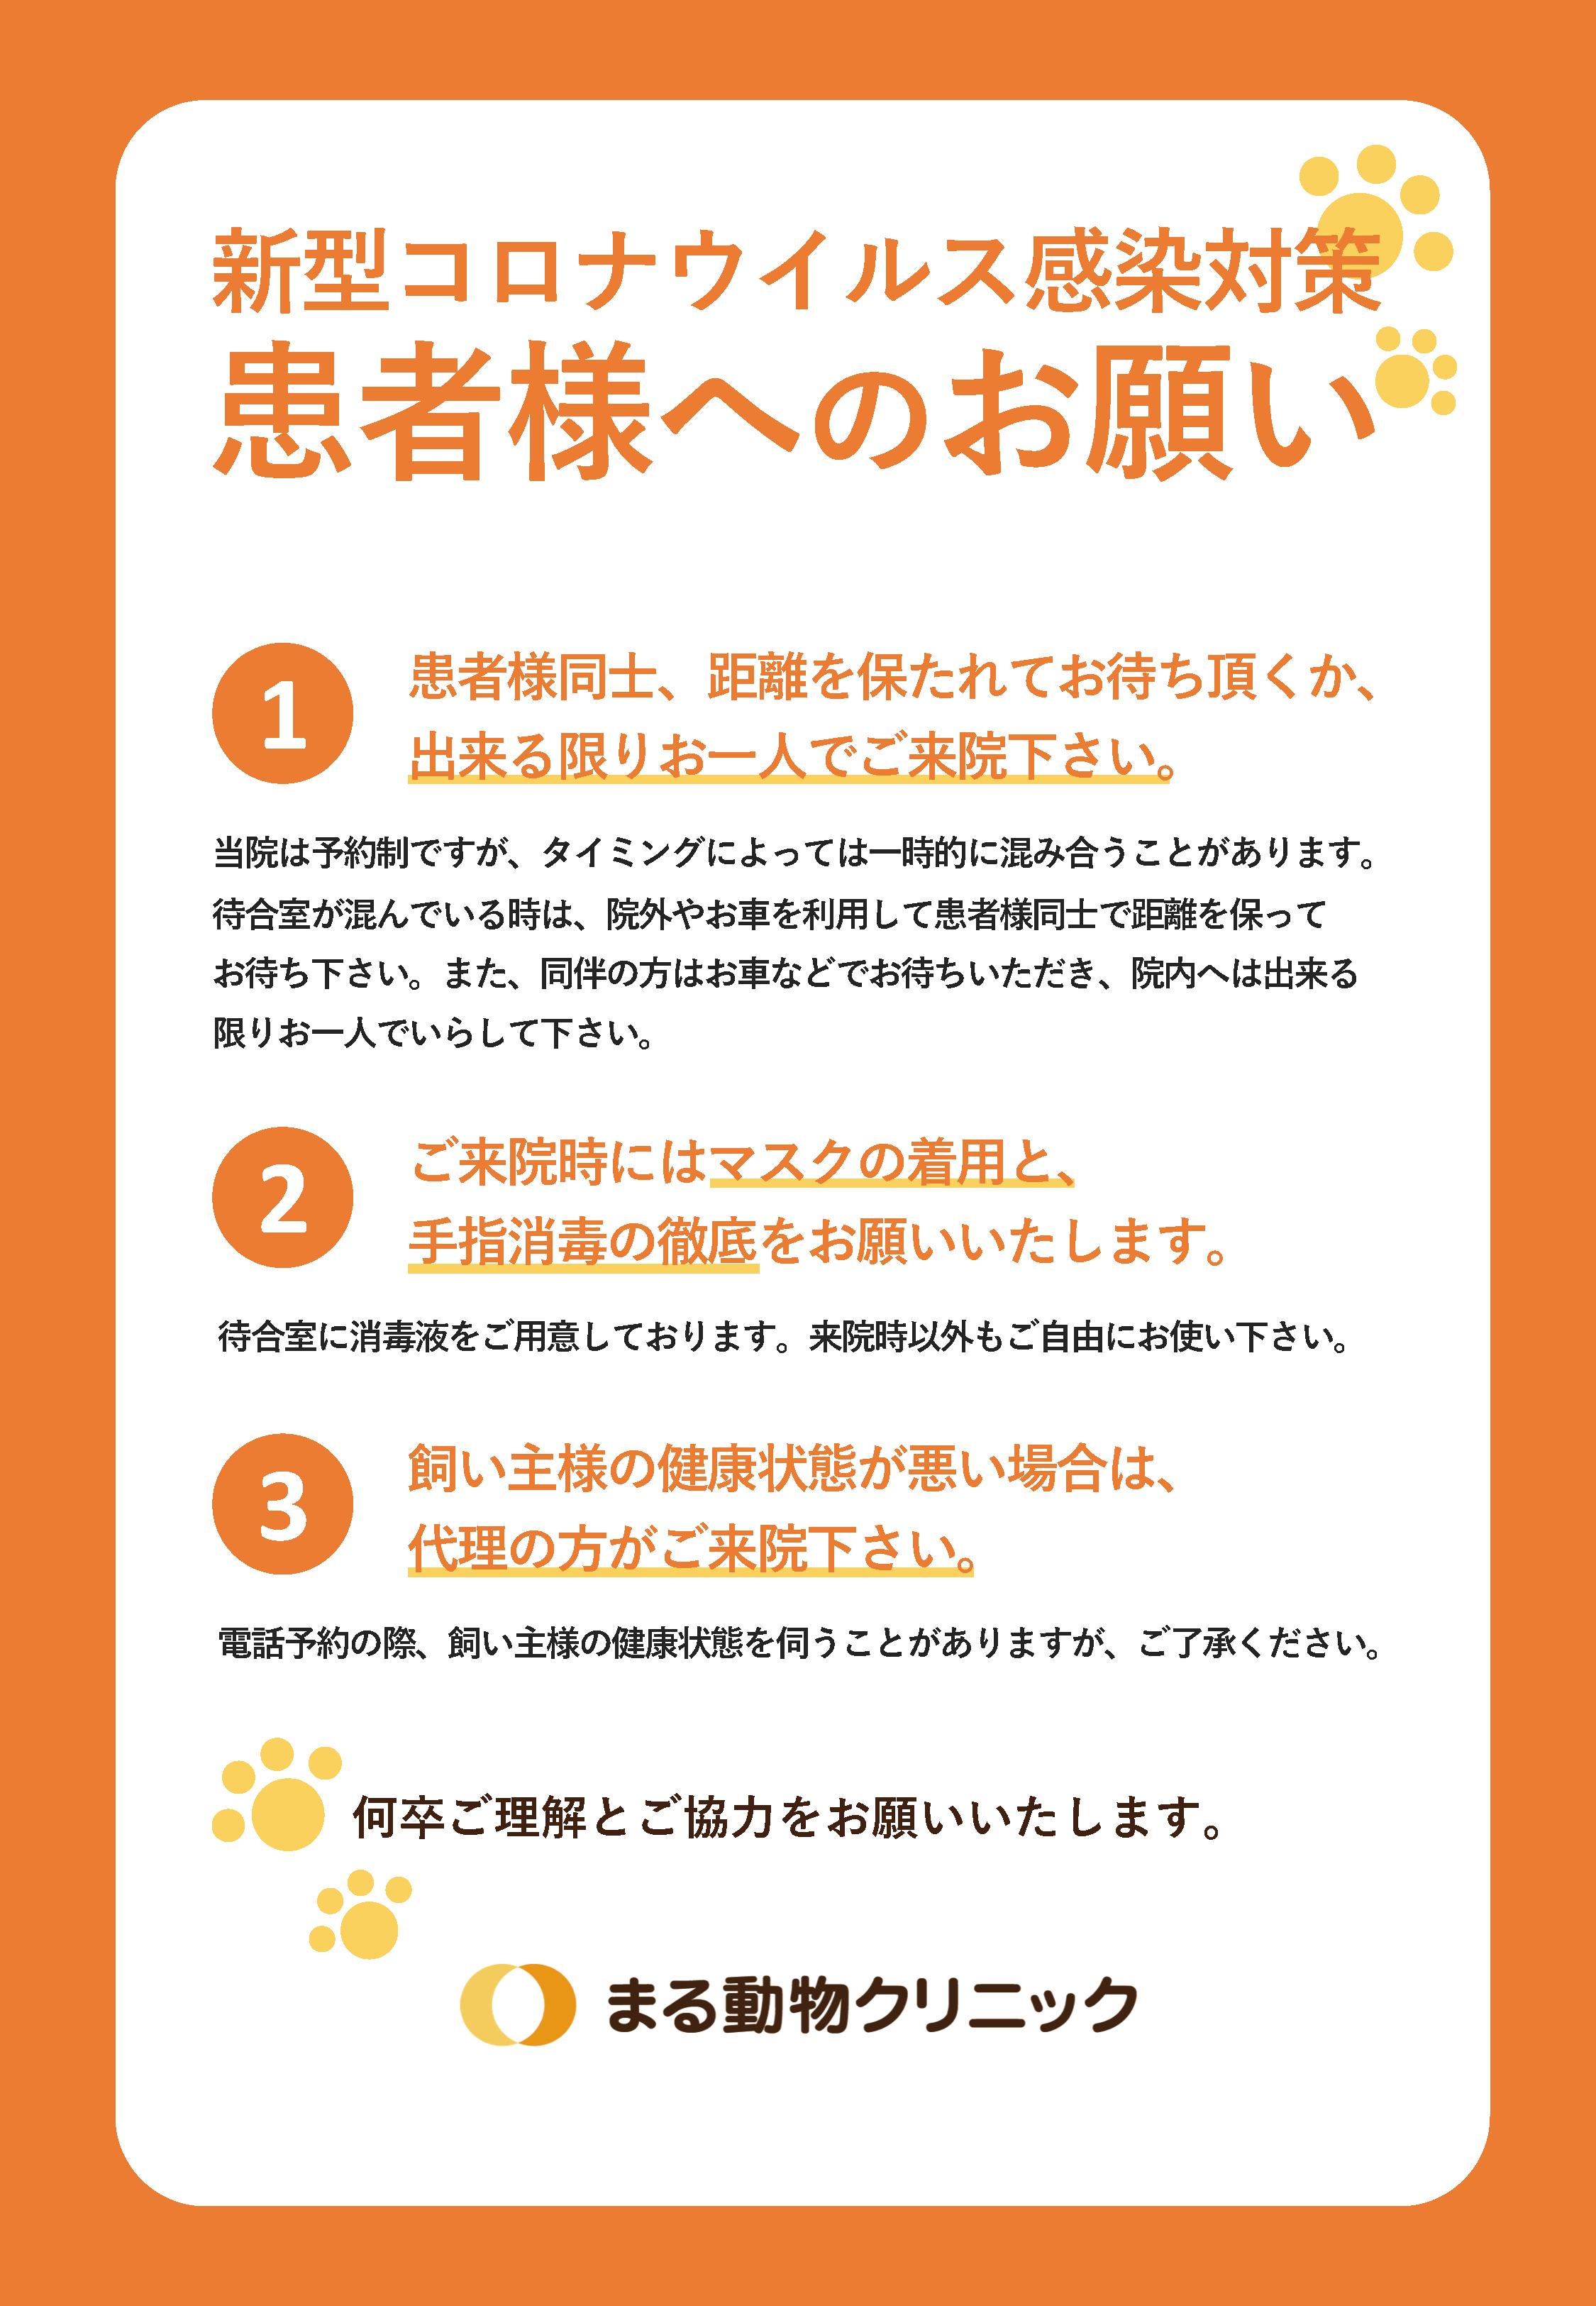 動物病院向け患者様へのお願い 【新型コロナウイルス対策ツール】